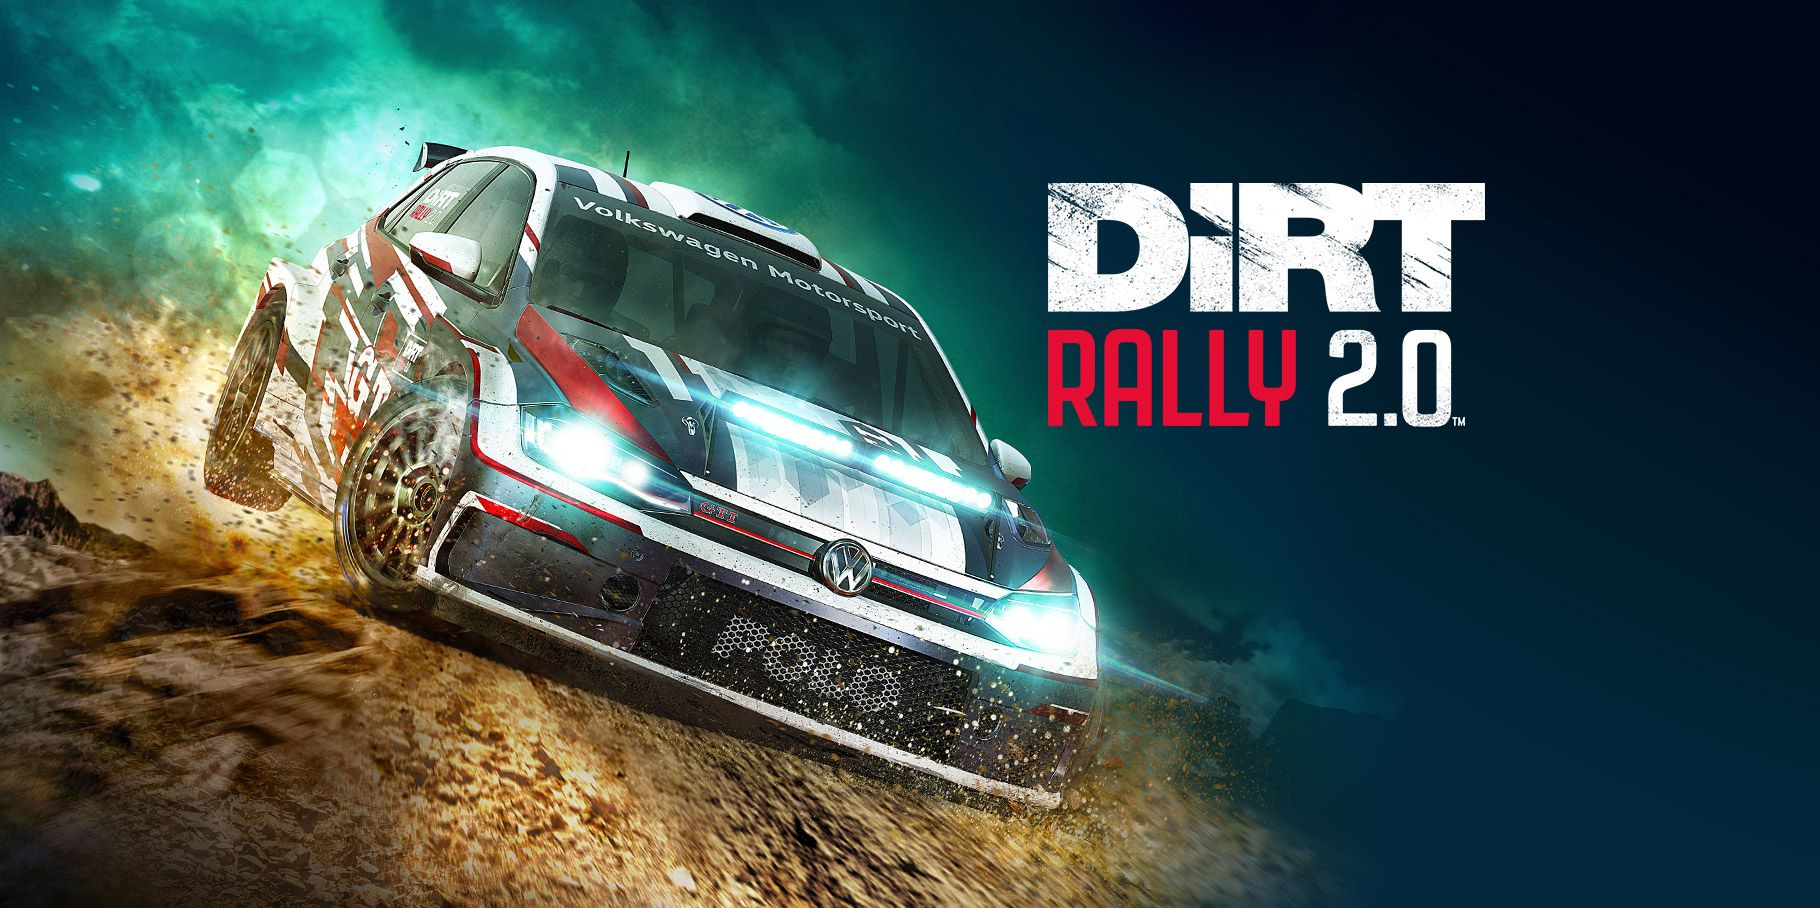 Risultati immagini per dirt rally 2.0 colin mcrae